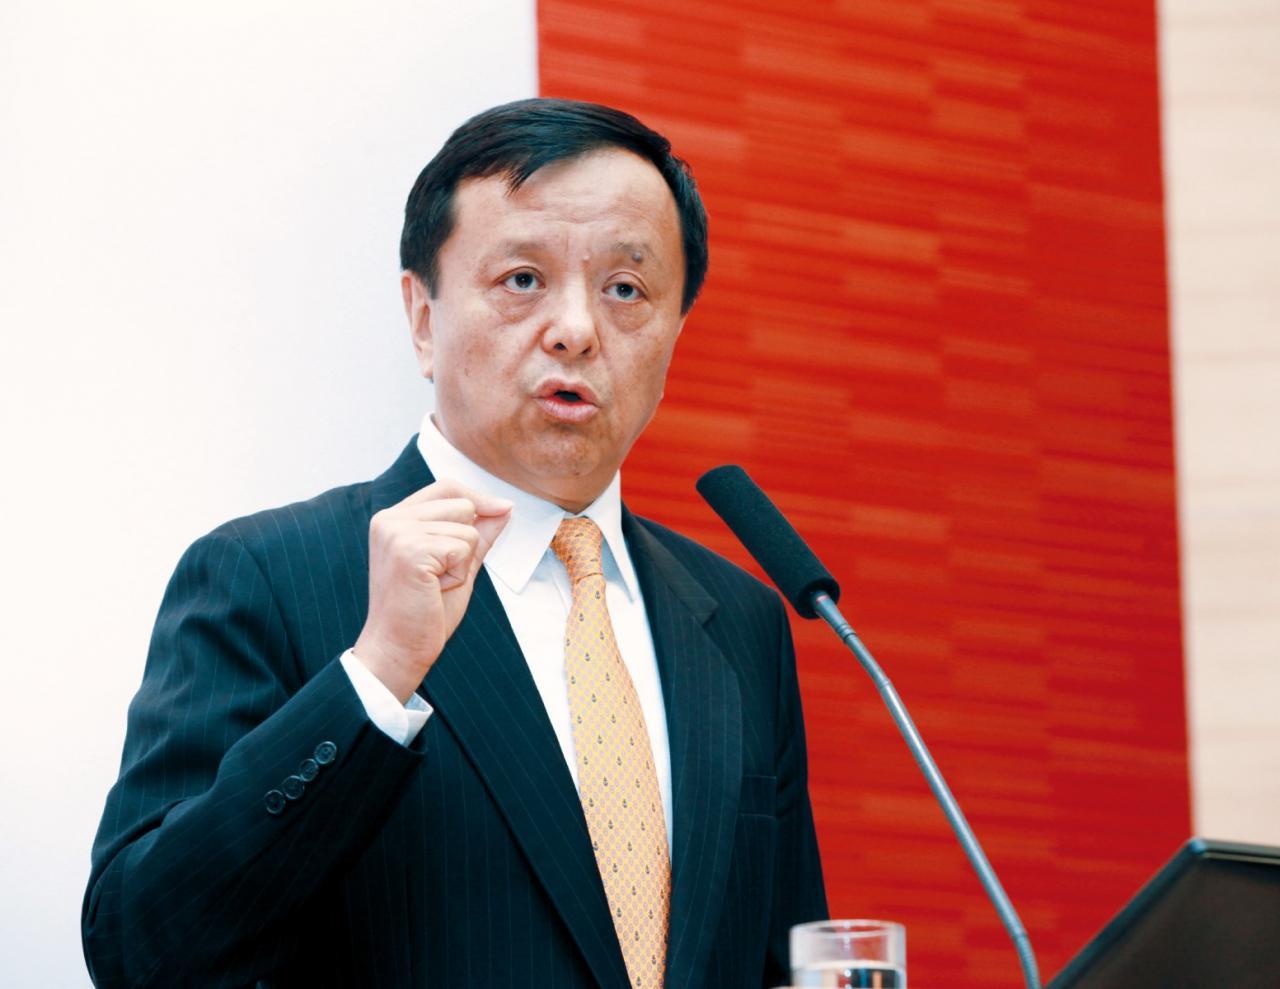 港交所行政總裁李小加積極為公司增加收入,有置投資者利益於不顧之嫌。